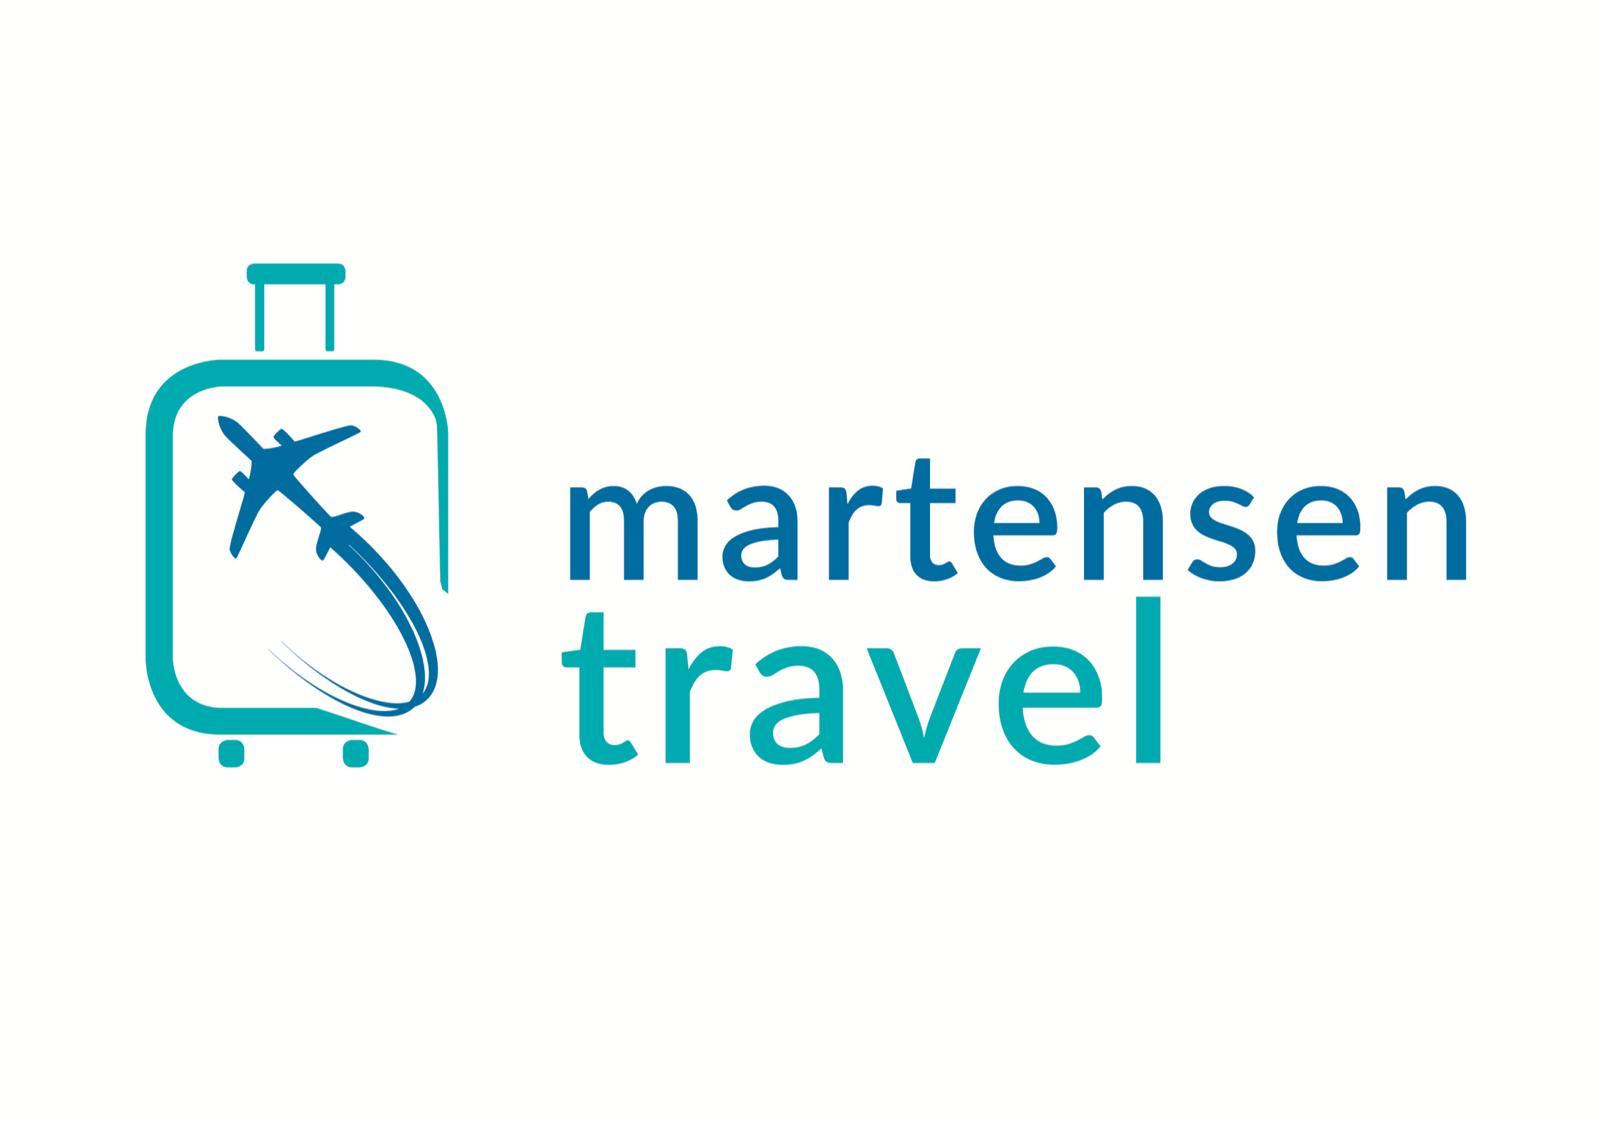 martensen travel_logo